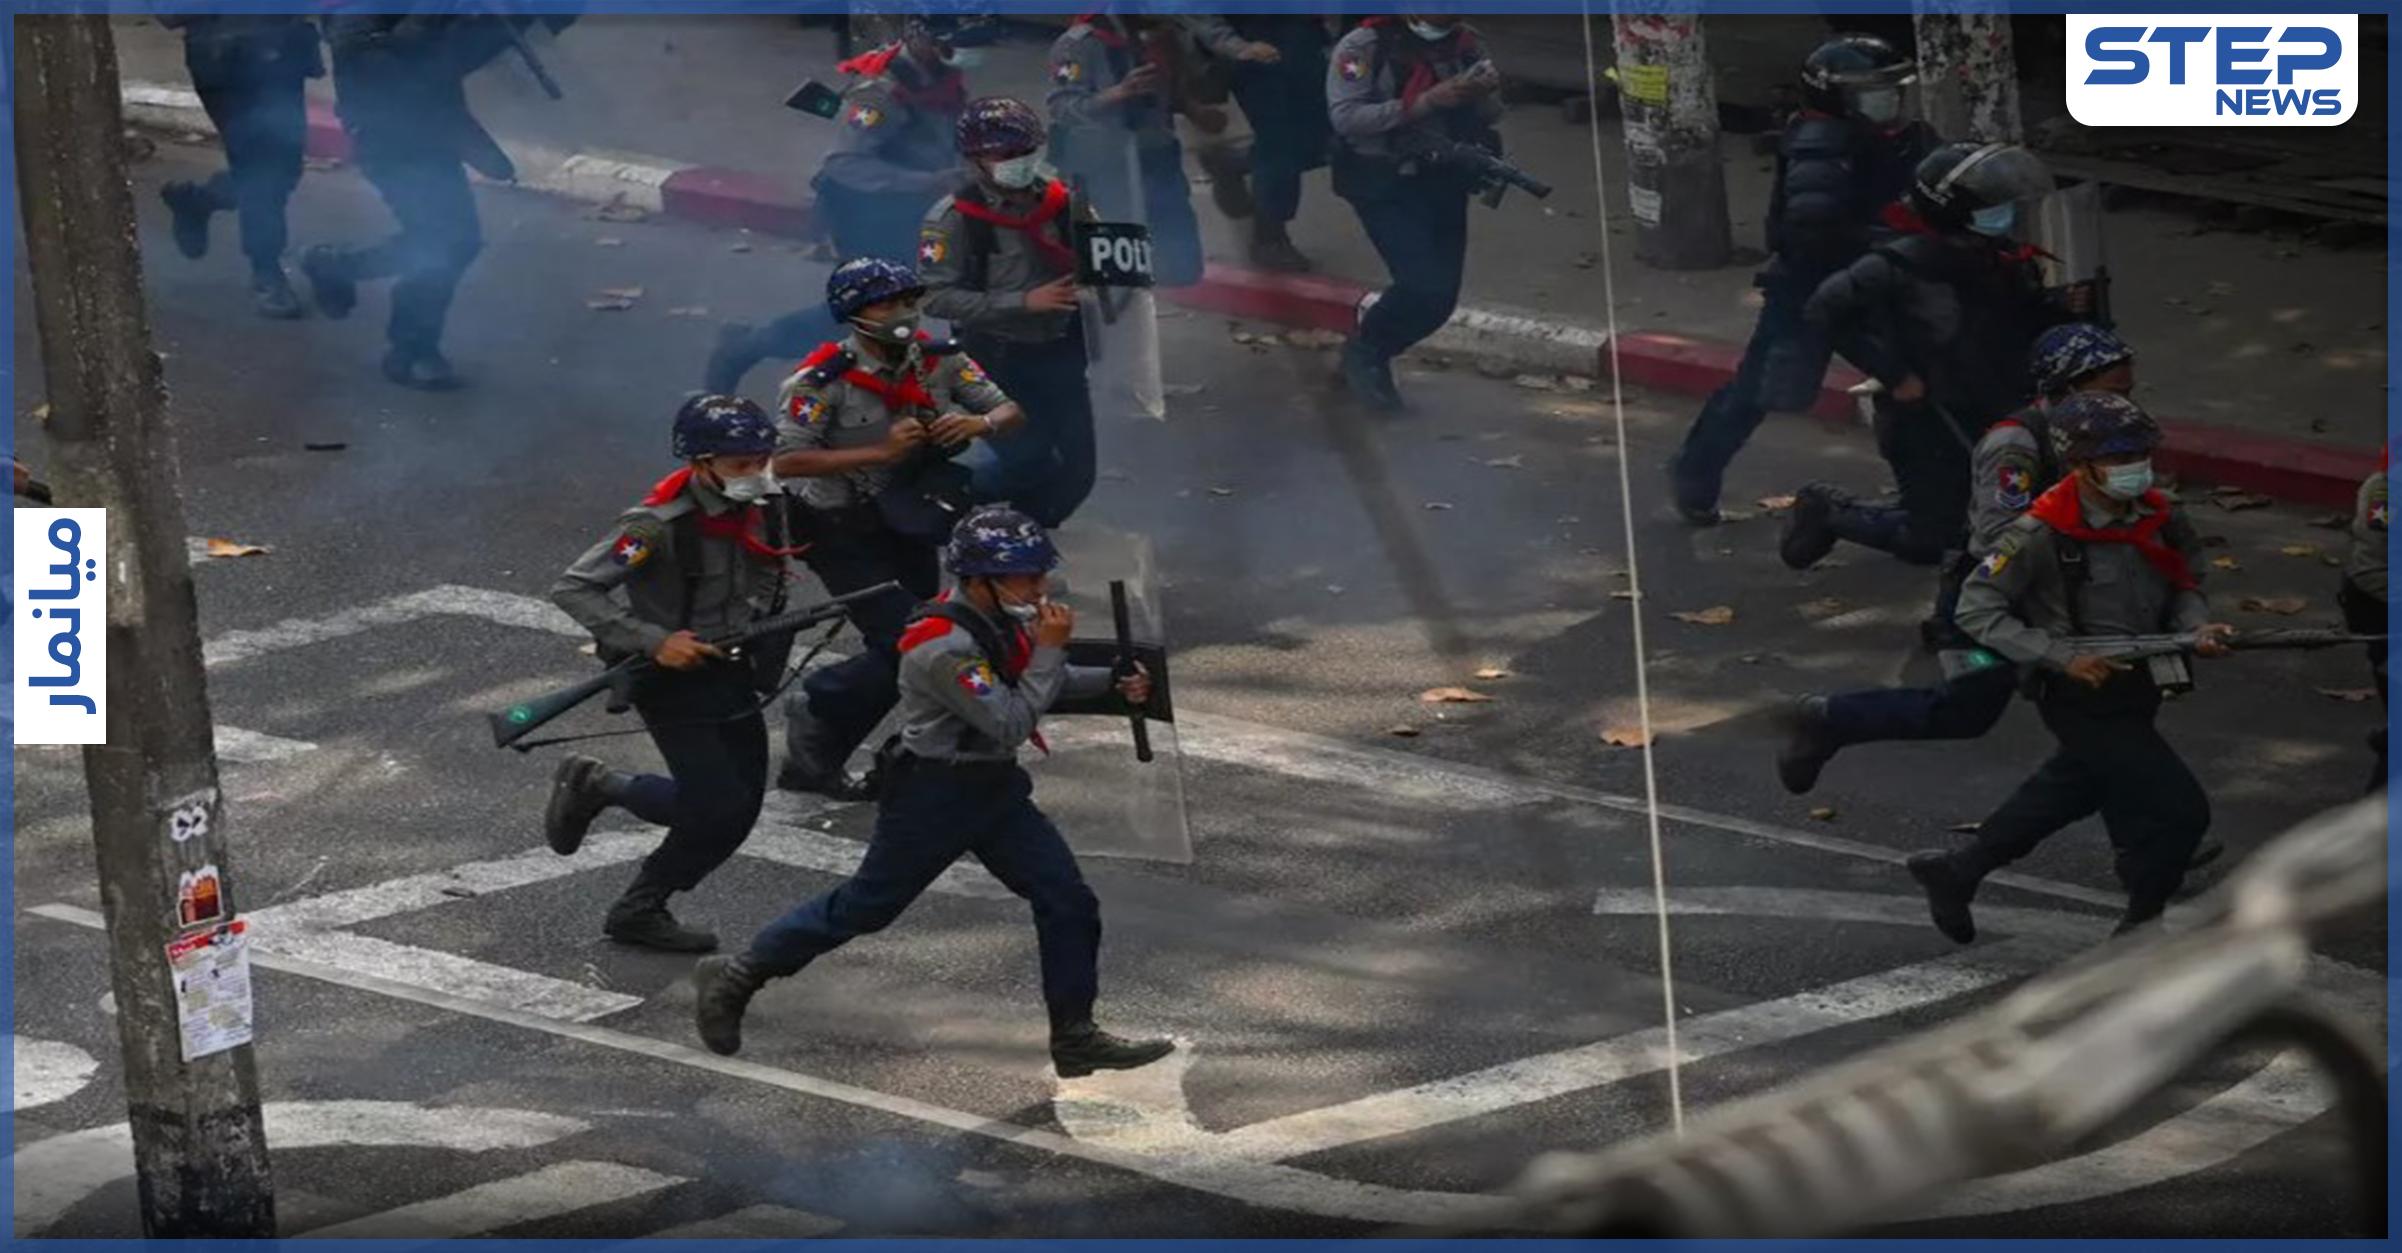 بالفيديو || عقب يوم دمويّ.. احتجاجات متواصلة في ميانمار وأساليب عنيفة يتّبعها الجيش